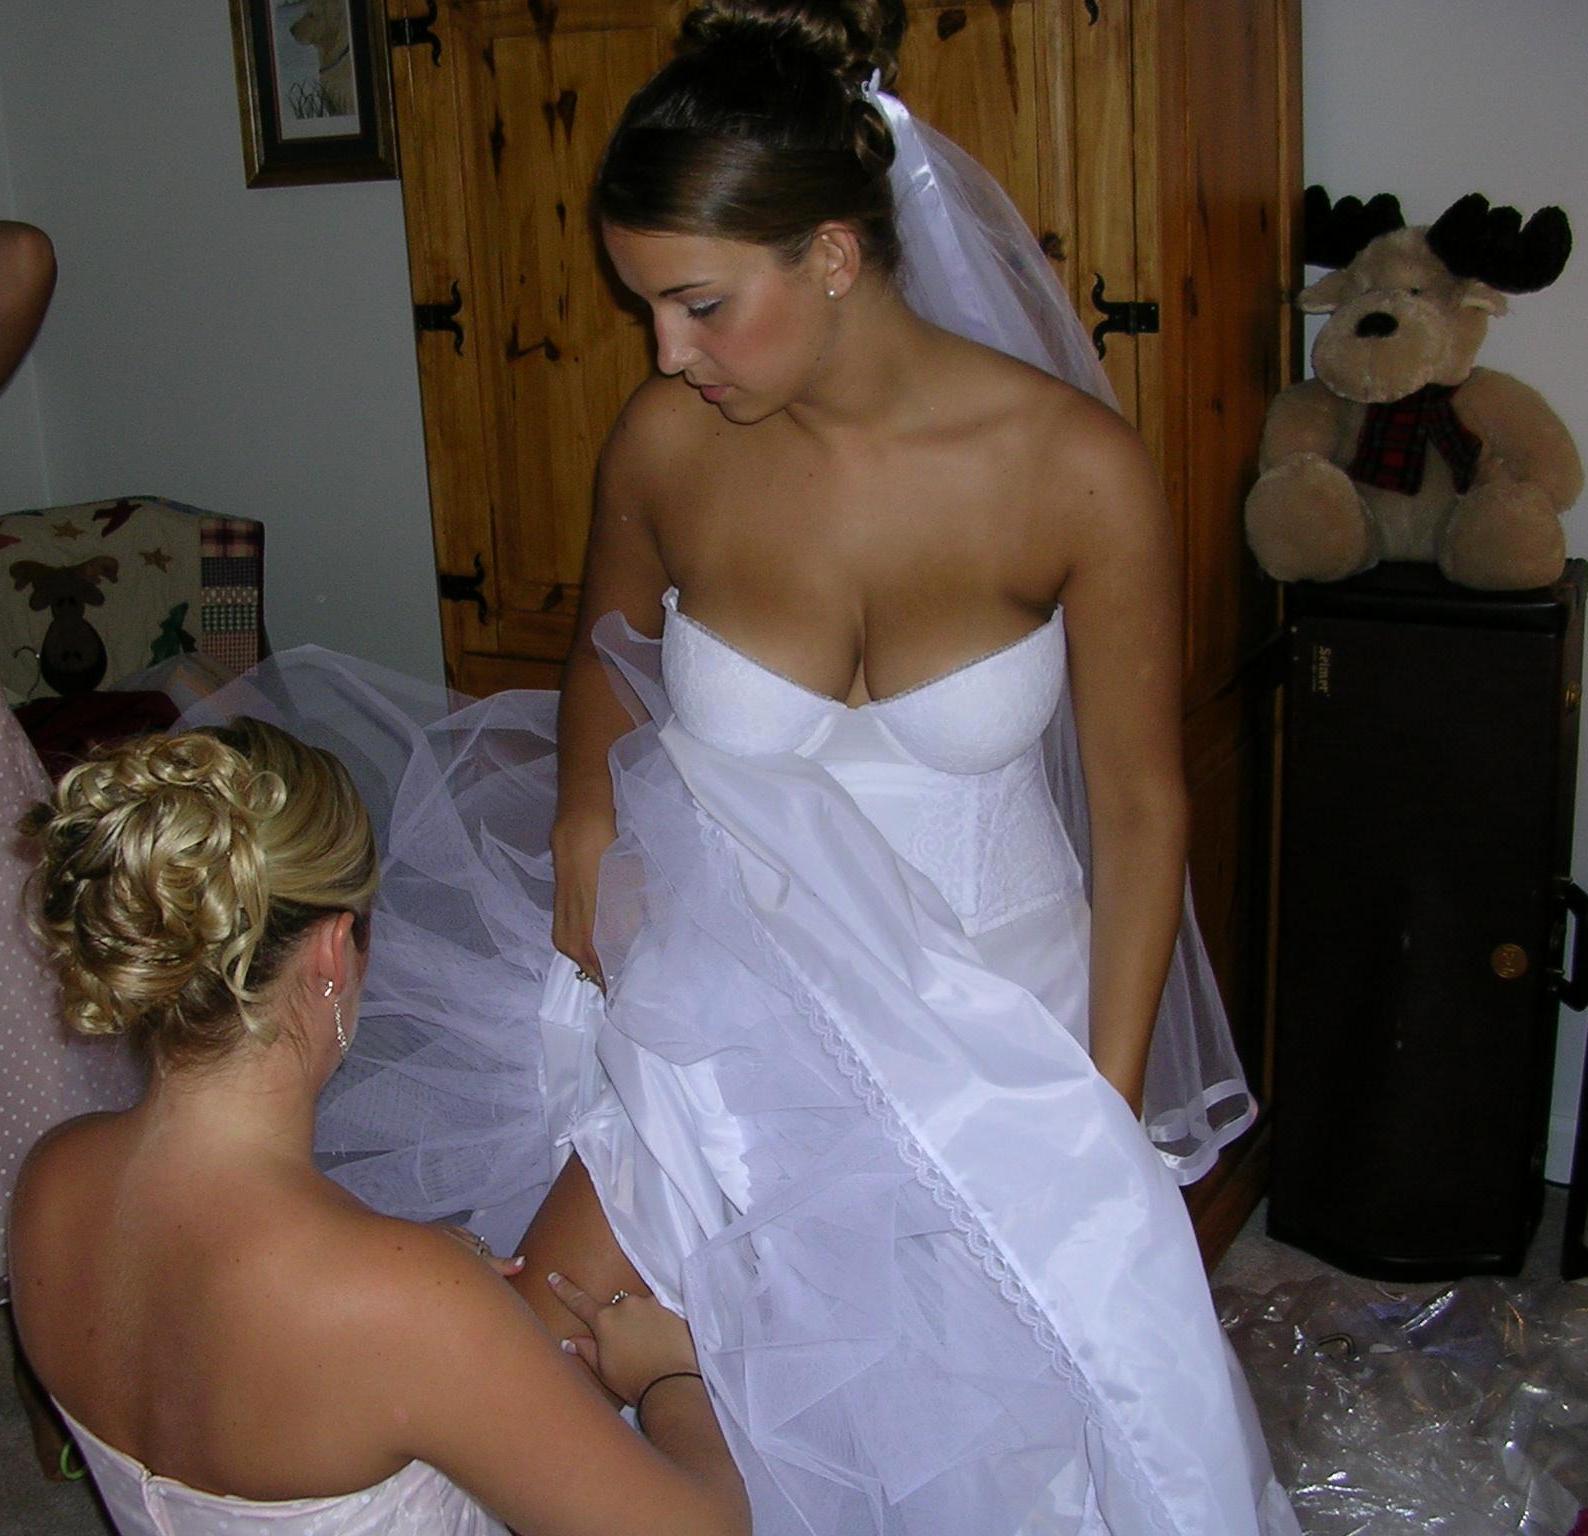 Трахнули на массаже клиента вдвоем смотрите на СексДевок.com